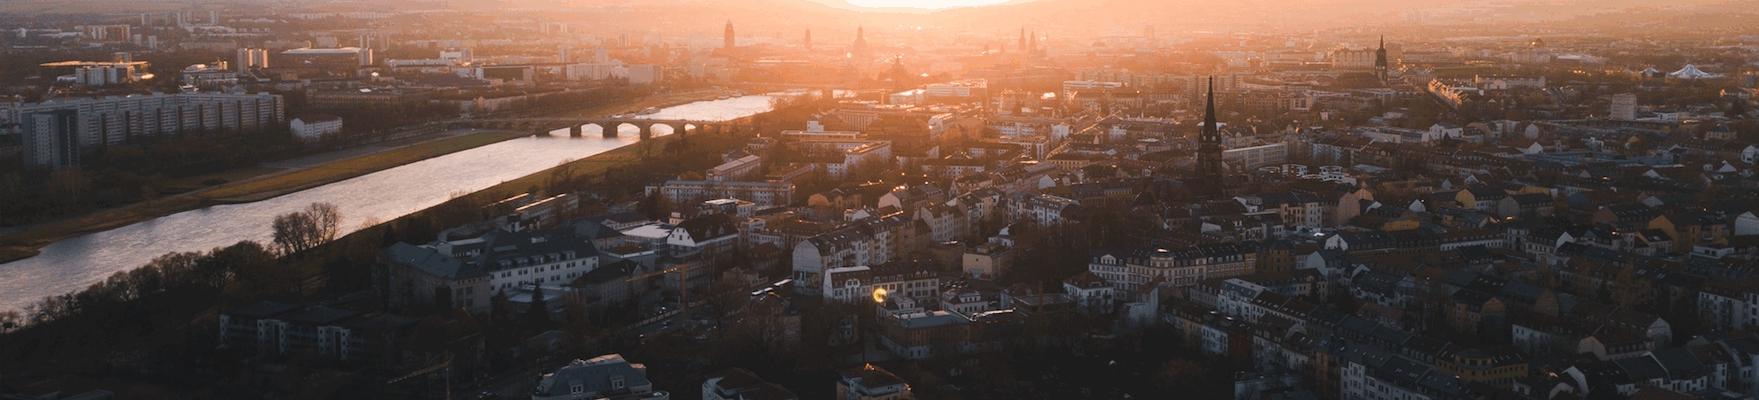 Lustige Stadtrundfahrt in sächischer Mundart Dresden 20.10.